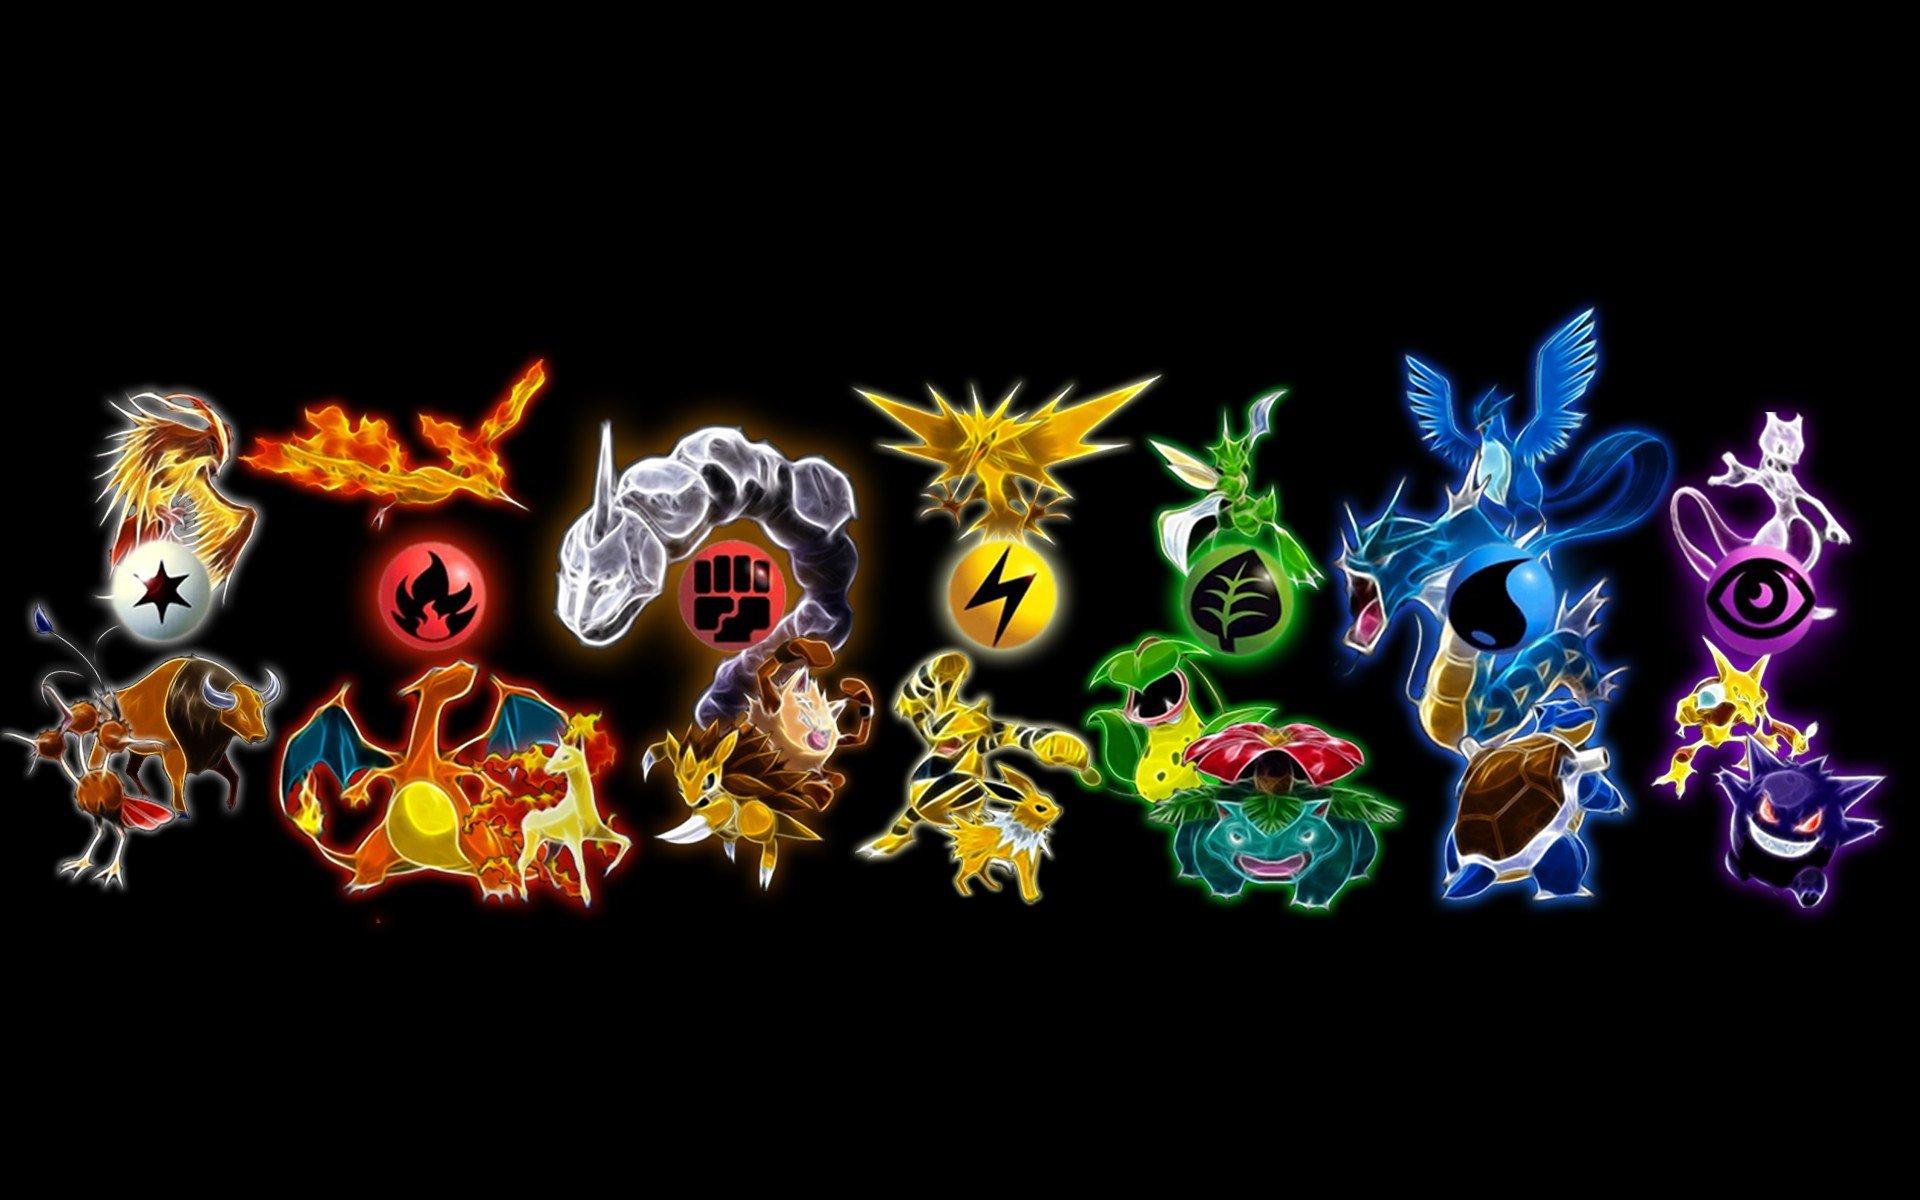 Pokemon Elements Wallpaper 1920x1200 1068679 Wallpaperup